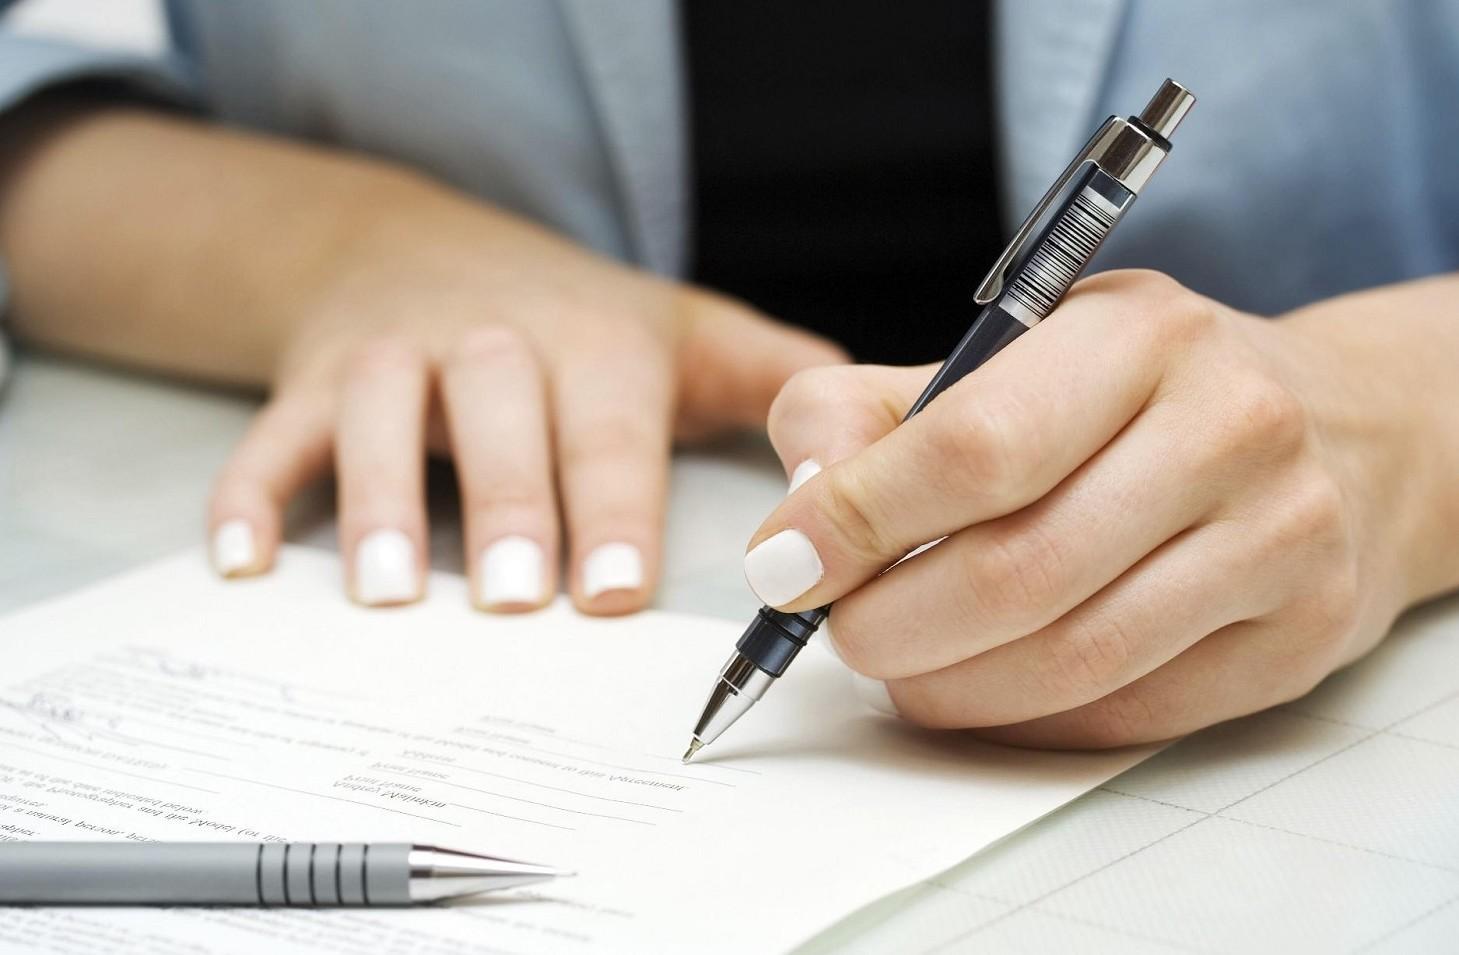 Come funziona la firma digitale su un contratto o documento